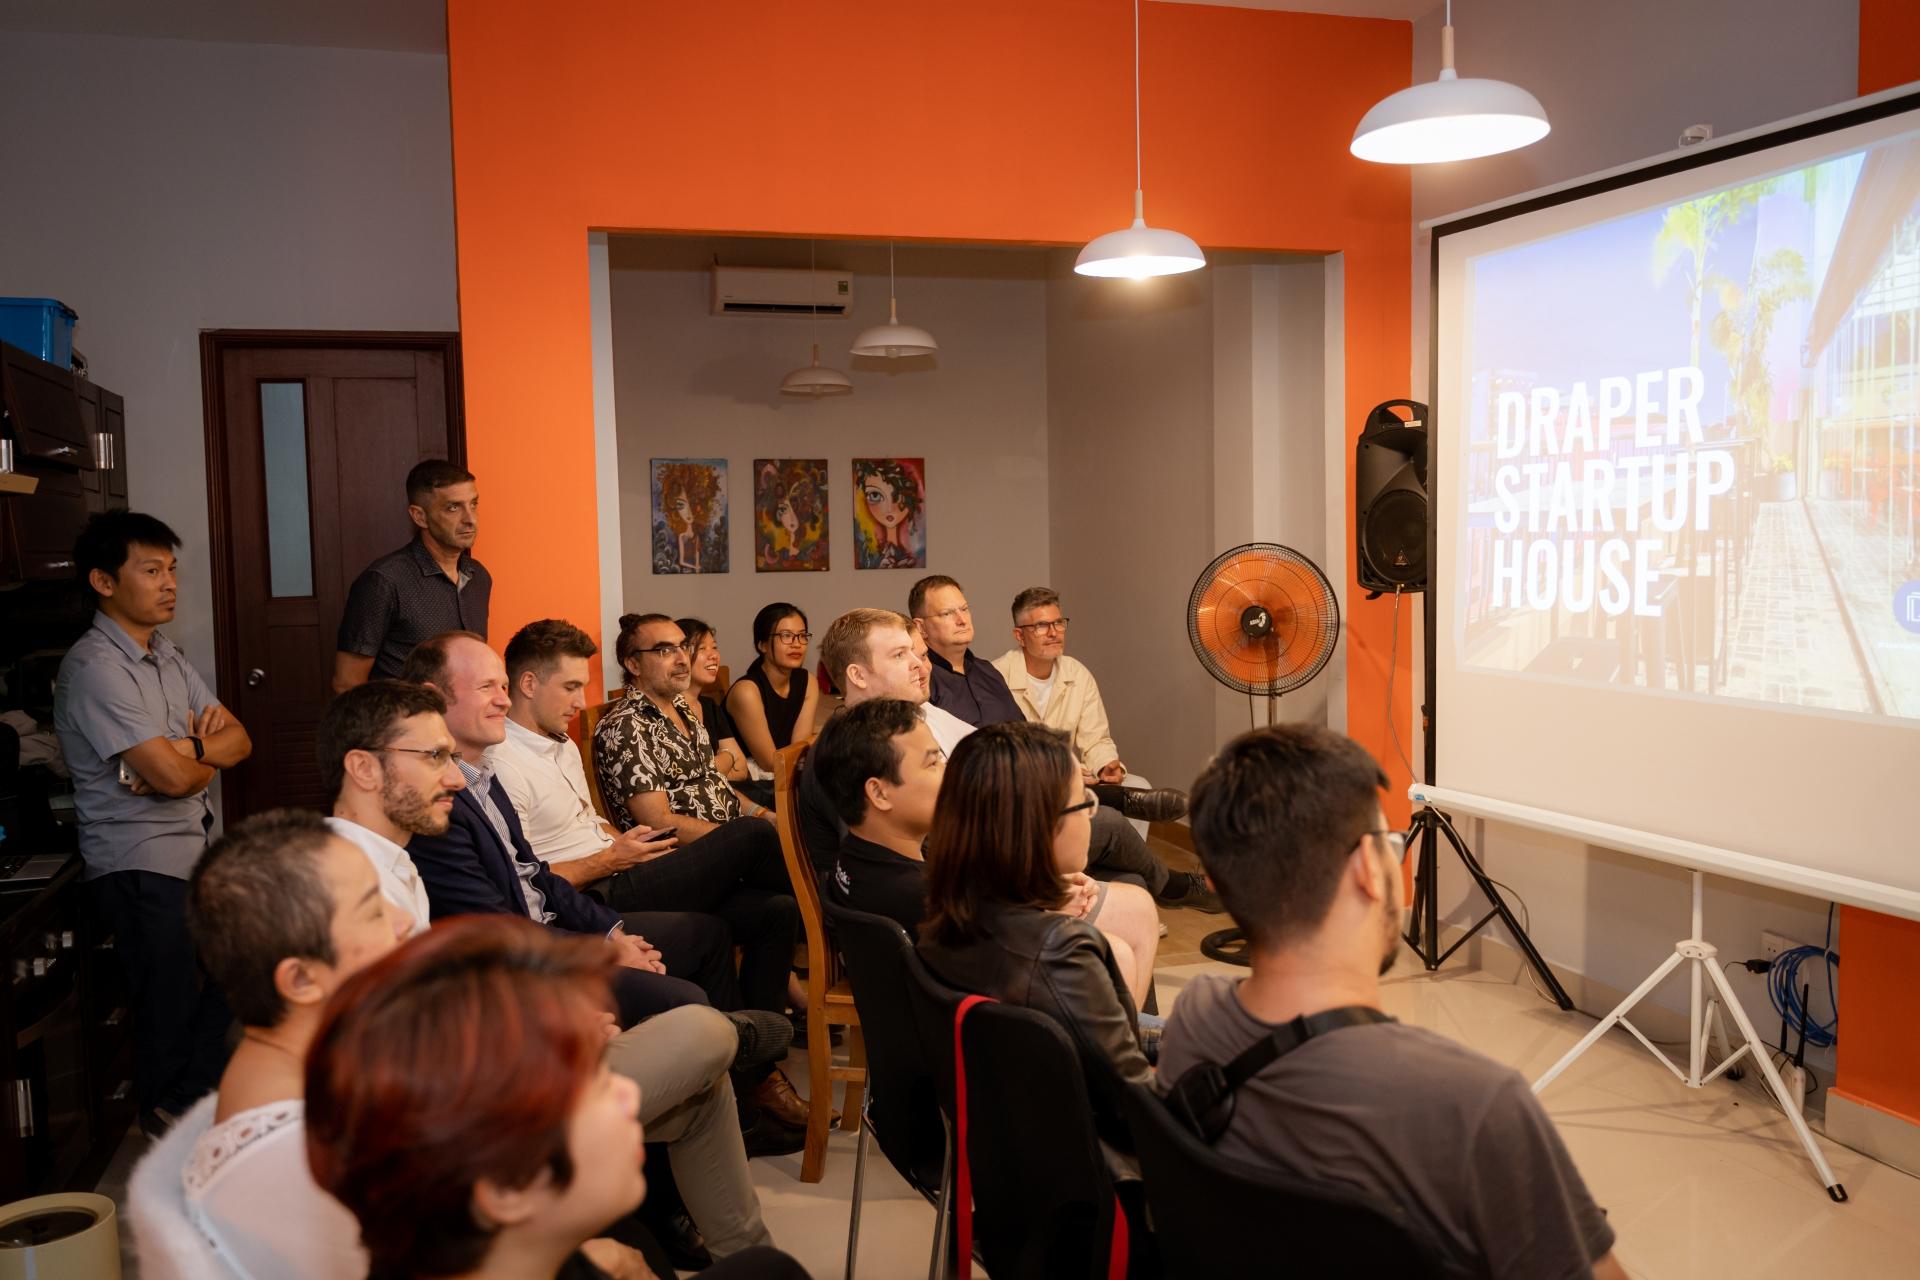 Singapore's Draper Startup acquires Hatch Ventures Vietnam